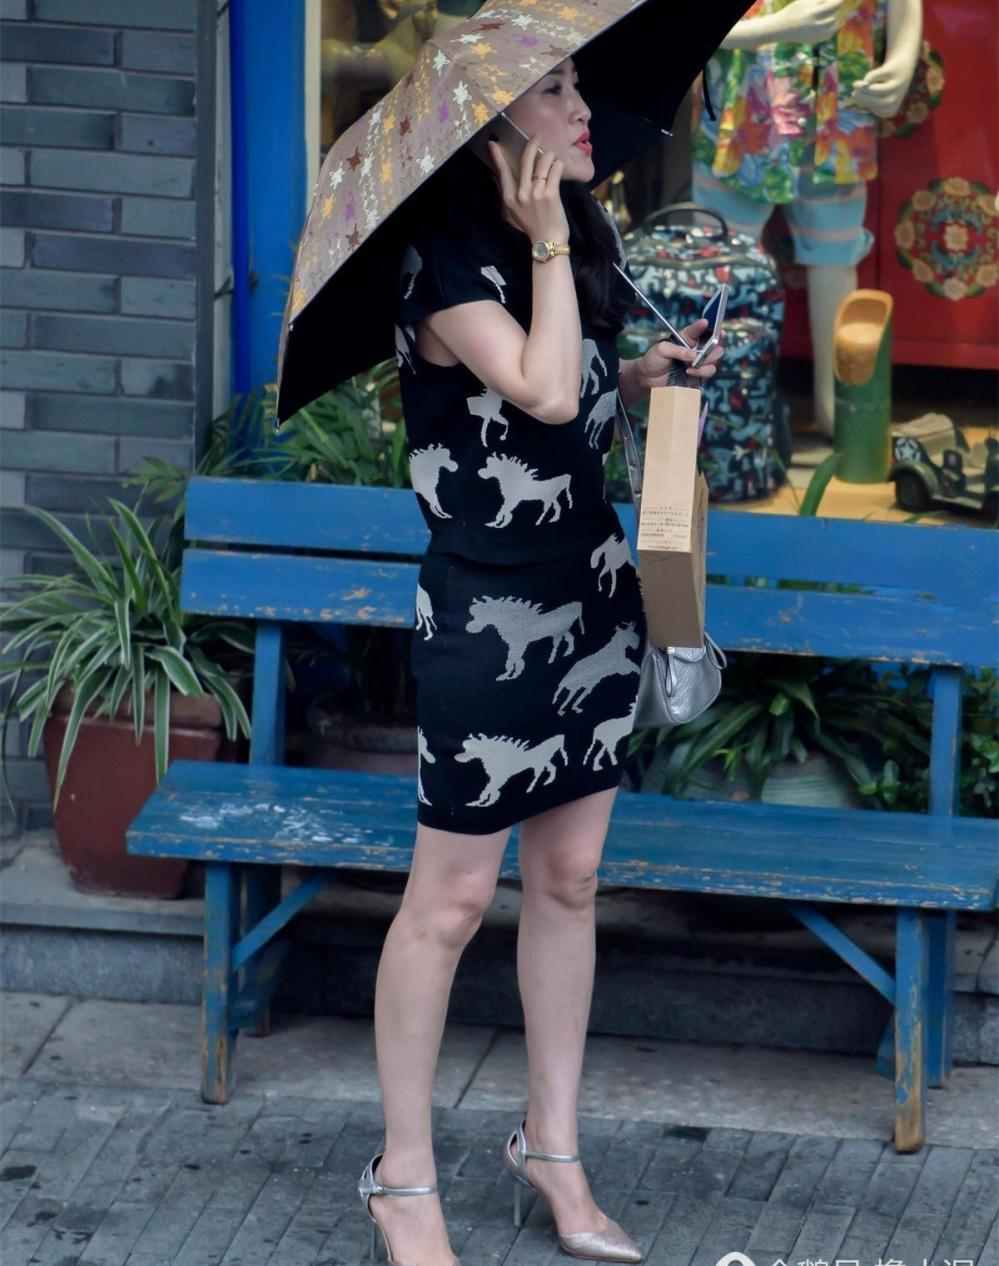 操十岁少女_街拍三十岁辣妈时尚搭配也能穿出美丽少女感